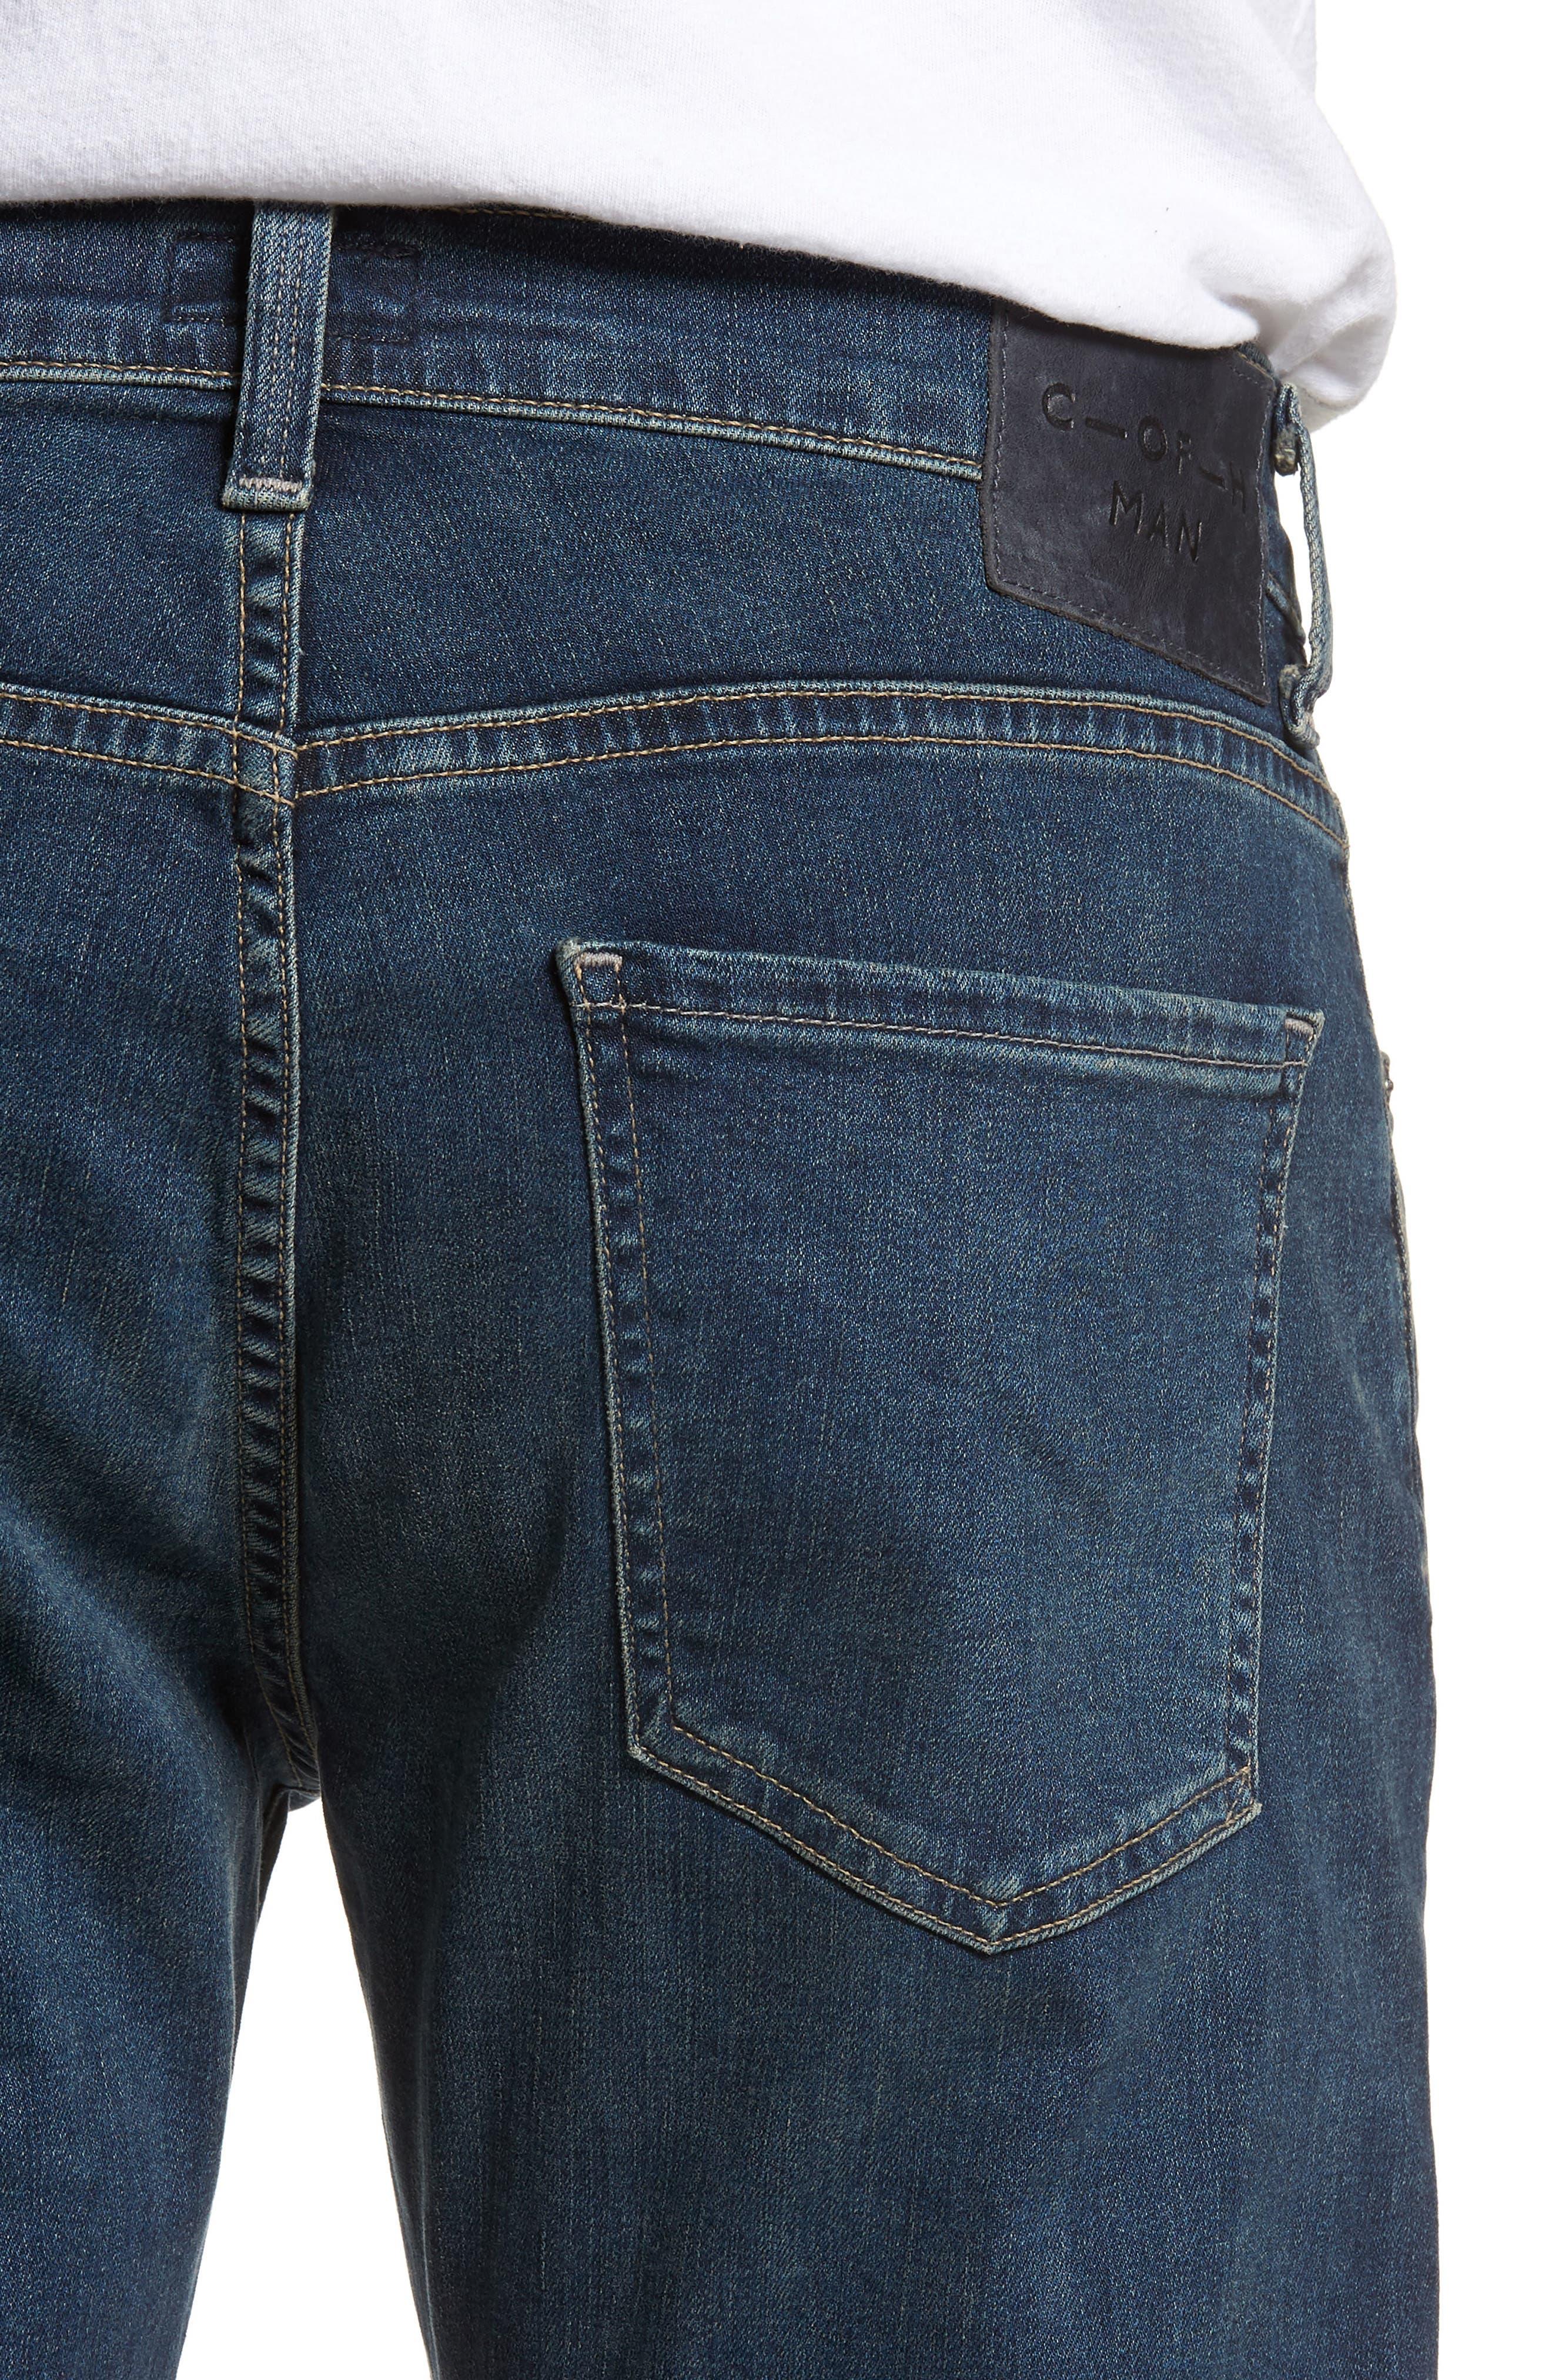 Core Slim Fit Jeans,                             Alternate thumbnail 4, color,                             Unison